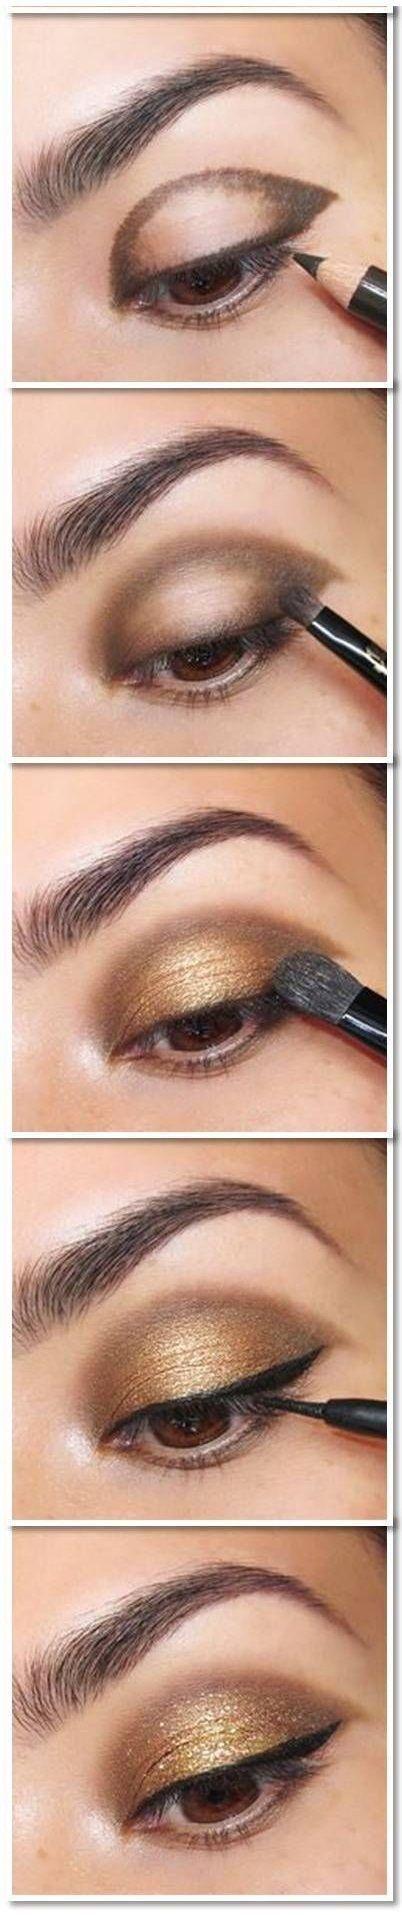 Simple Maquillage Tutoriel d'or des yeux